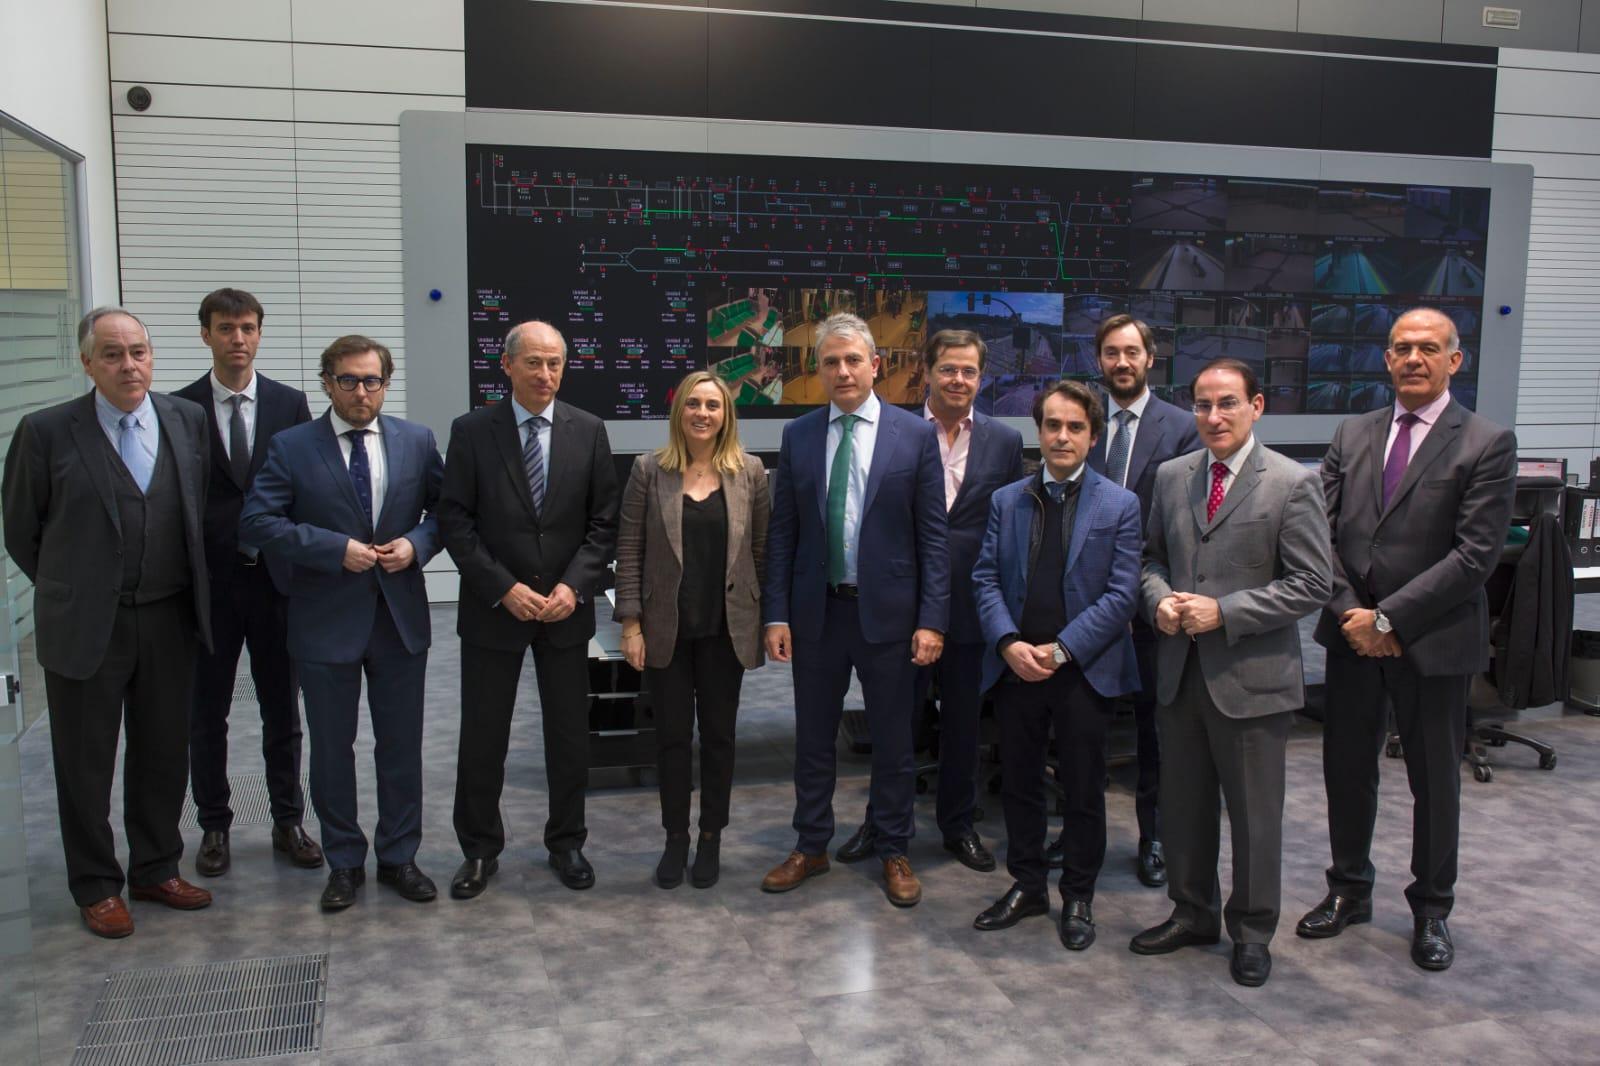 La consejera preside el Consejo de Administración del Metro de Málaga.